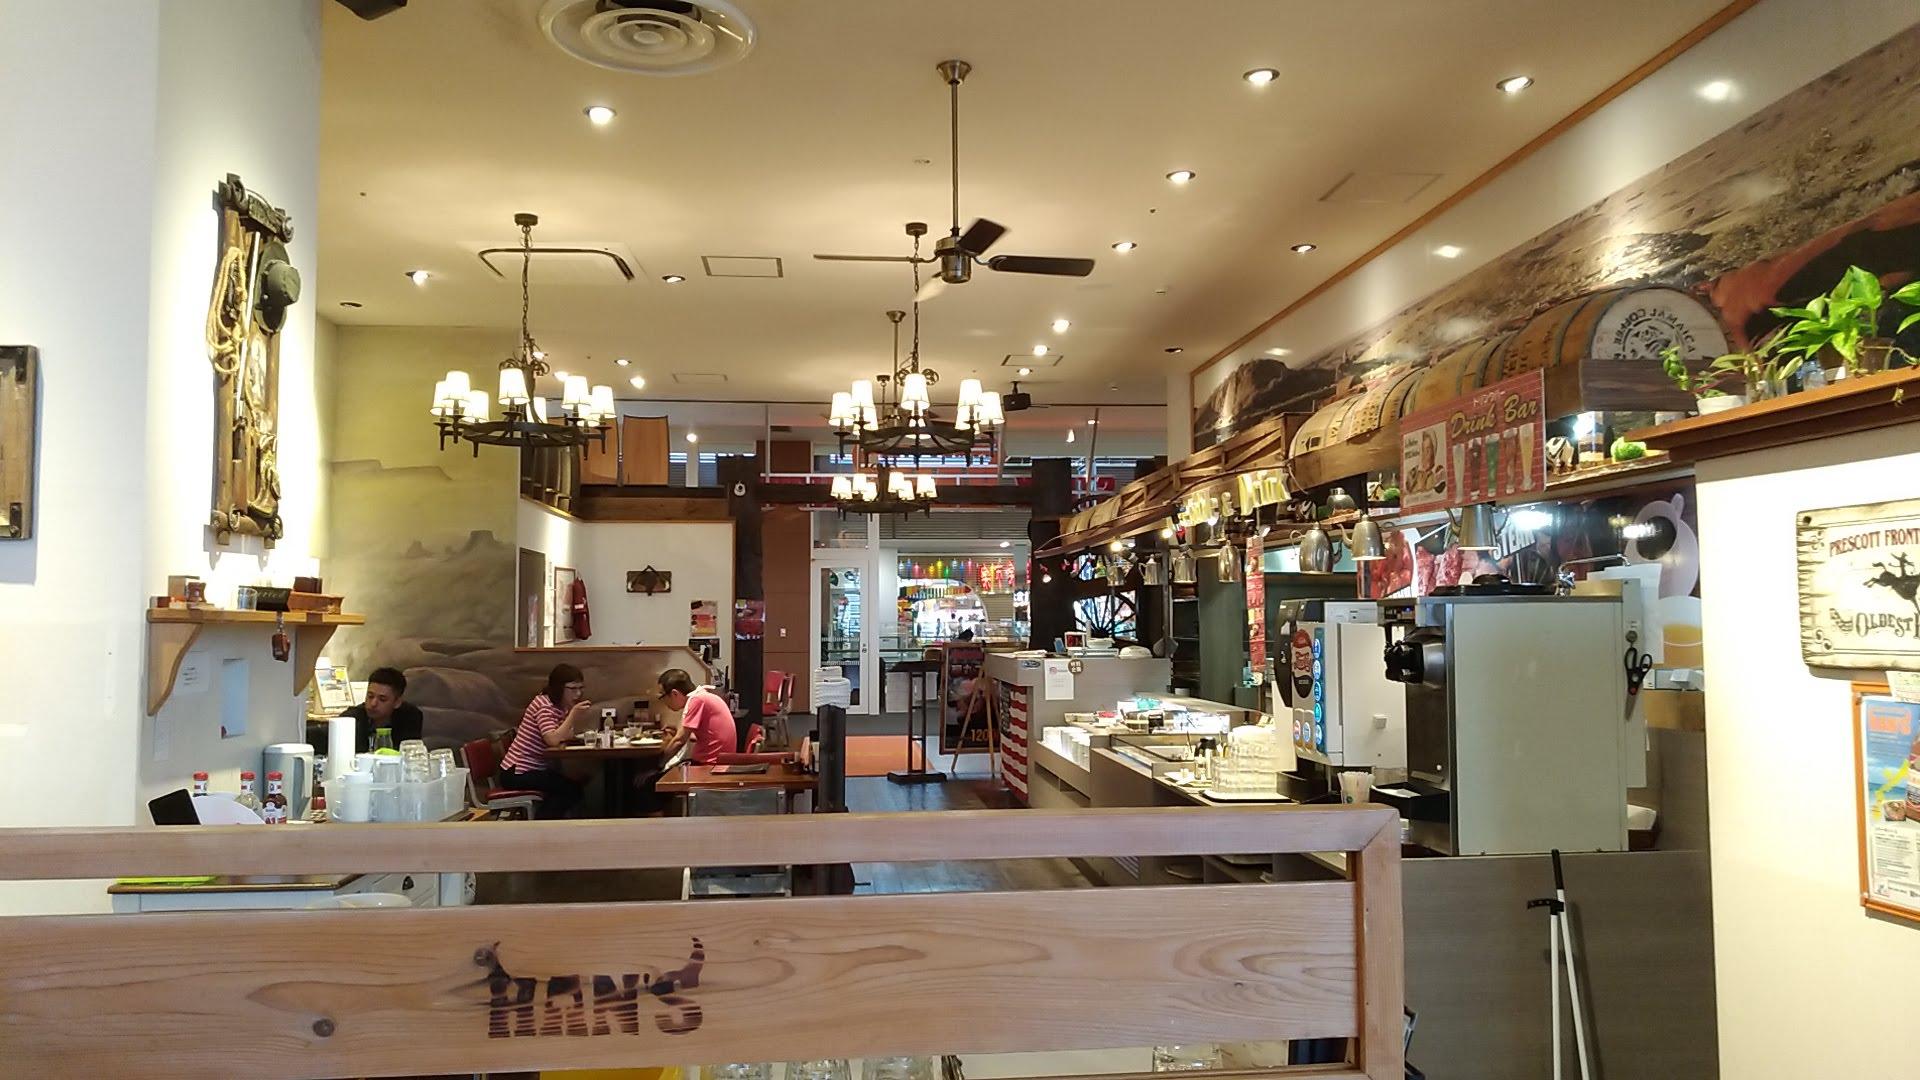 ステーキレストランハンズ HANSの店内写真 1